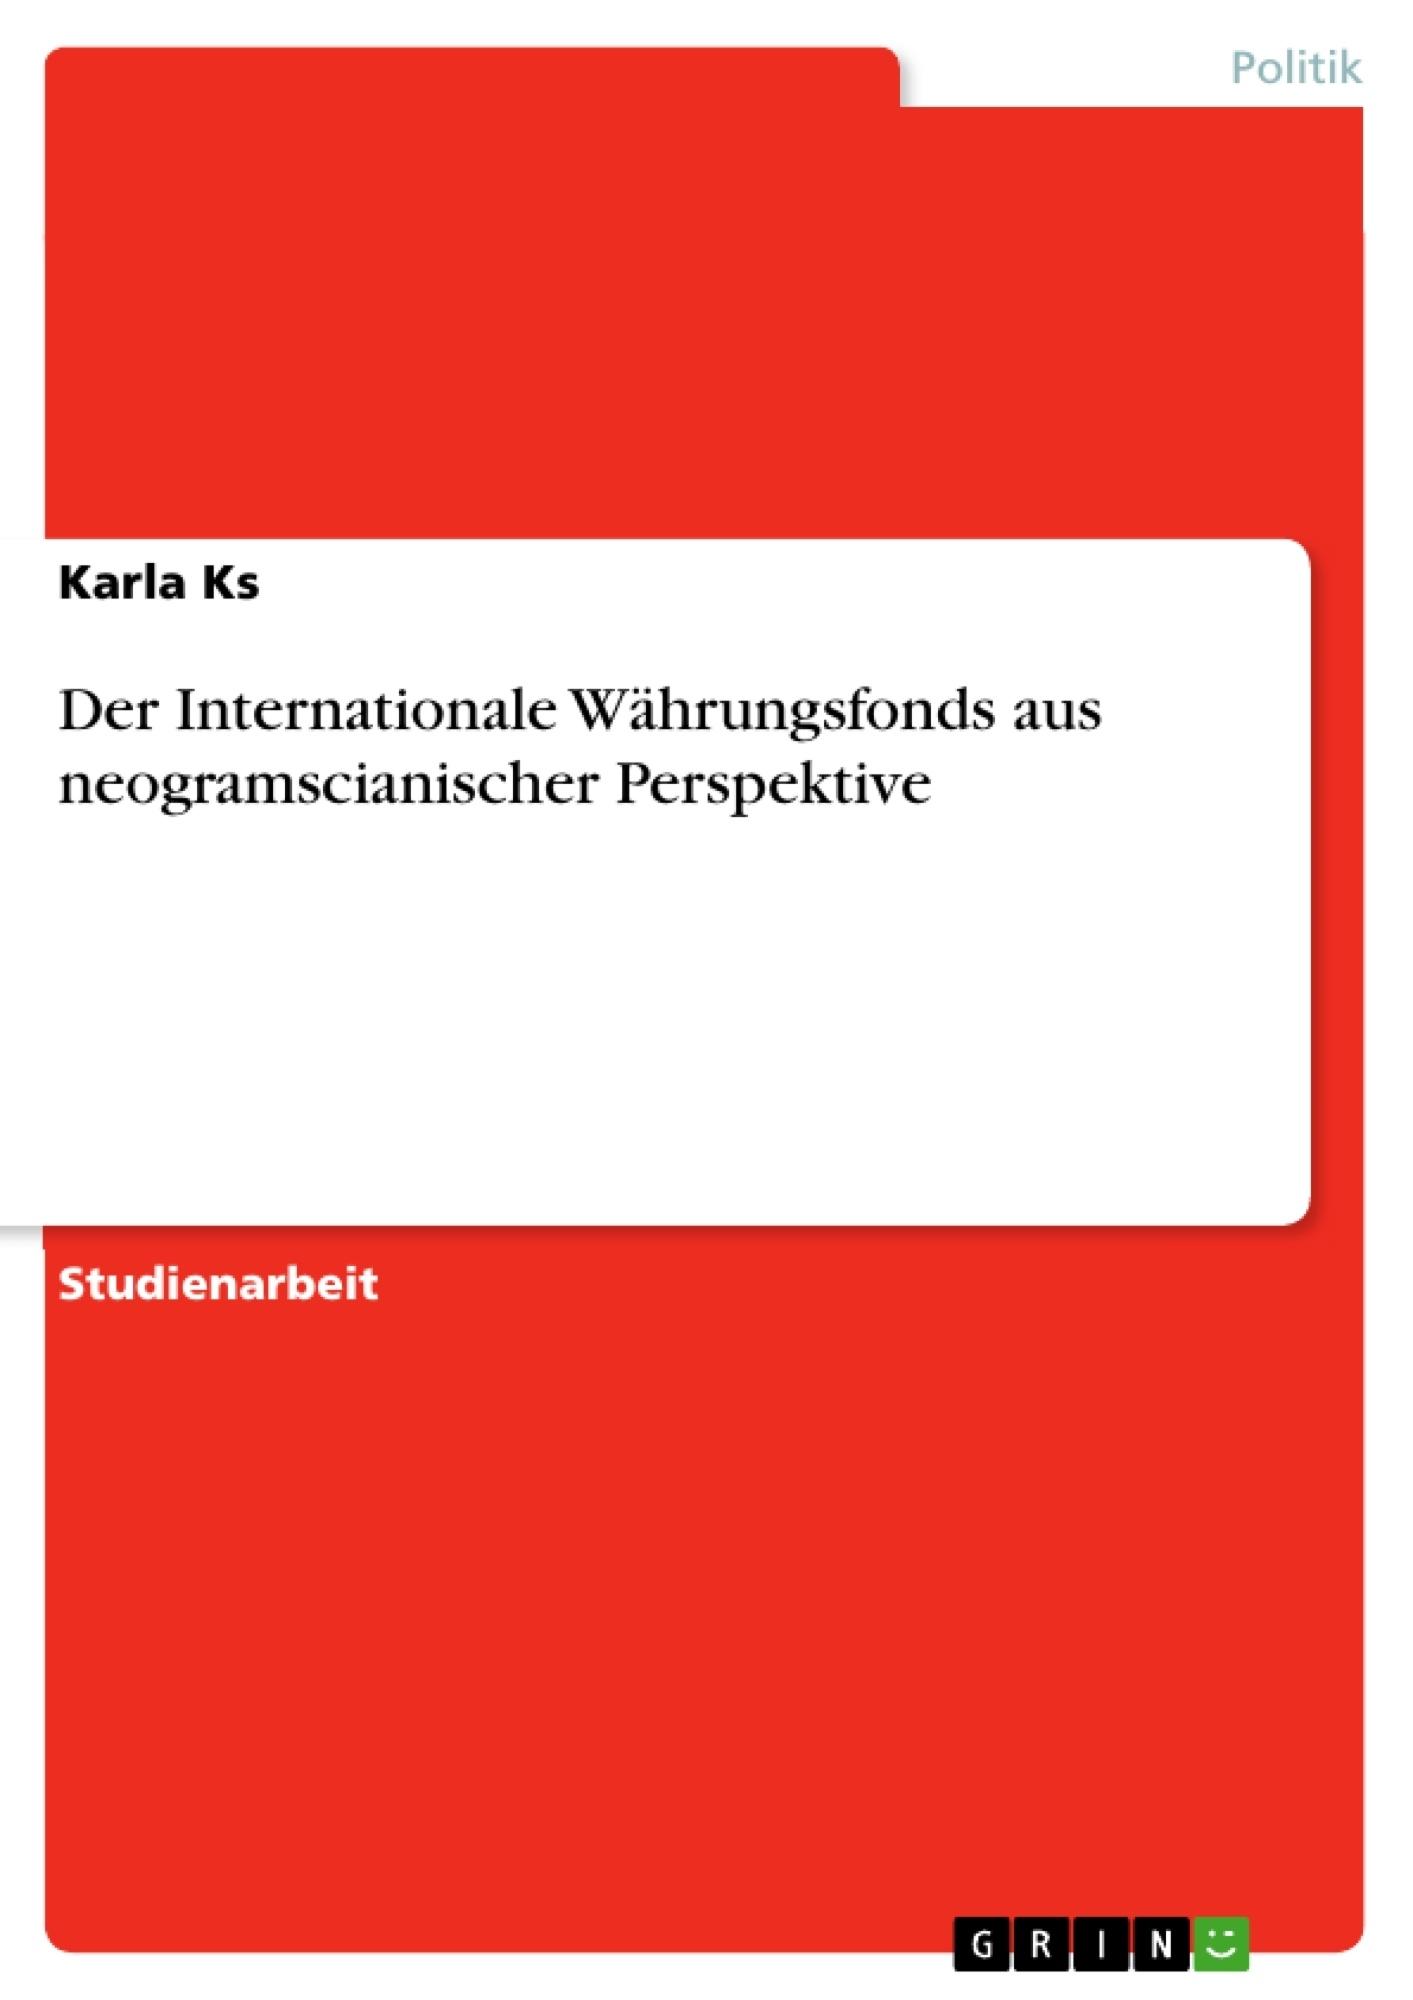 Titel: Der Internationale Währungsfonds aus neogramscianischer Perspektive